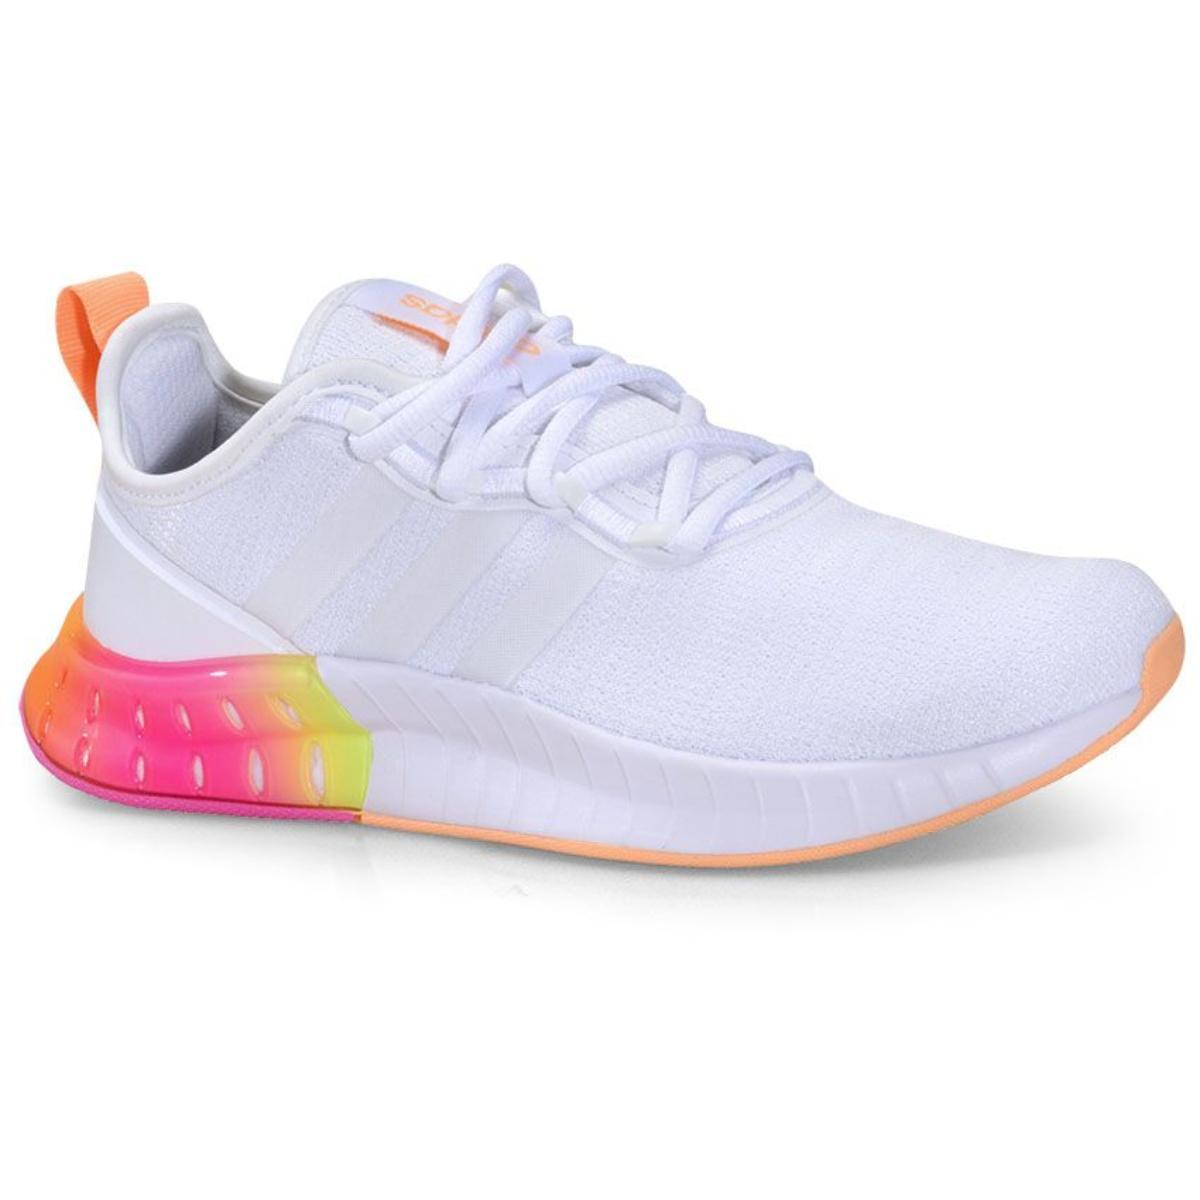 Tênis Feminino Adidas Fz2790 Kaptir Super Branco/color